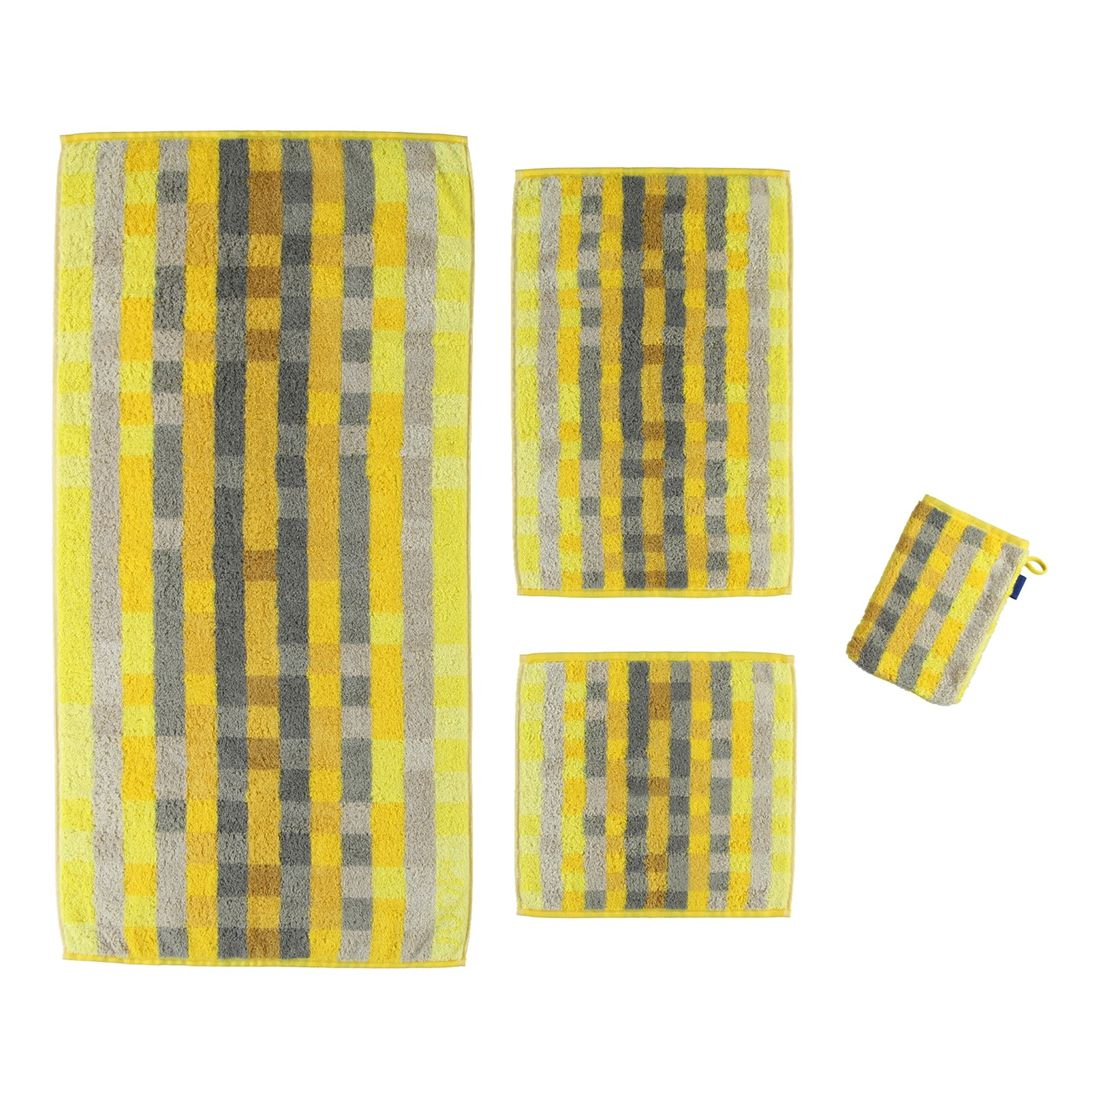 Handtuch Colour Code Pixel – 100% Baumwolle Honig – Seiflappen: 30 x 30 cm, Joop günstig kaufen